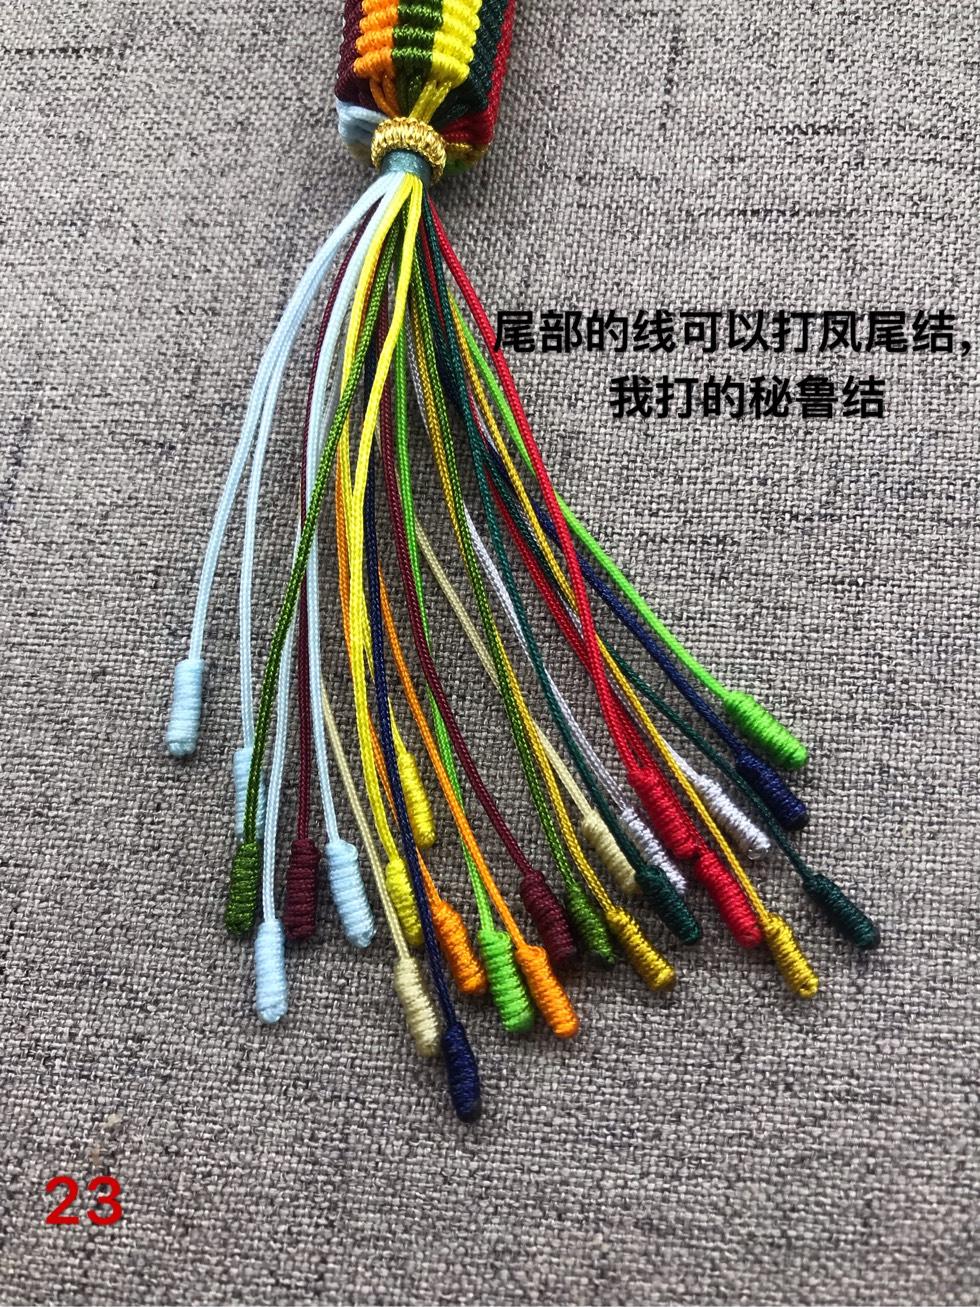 中国结论坛 迷你藏式转经筒  图文教程区 135345jmcn3nw6m8mm6n6s